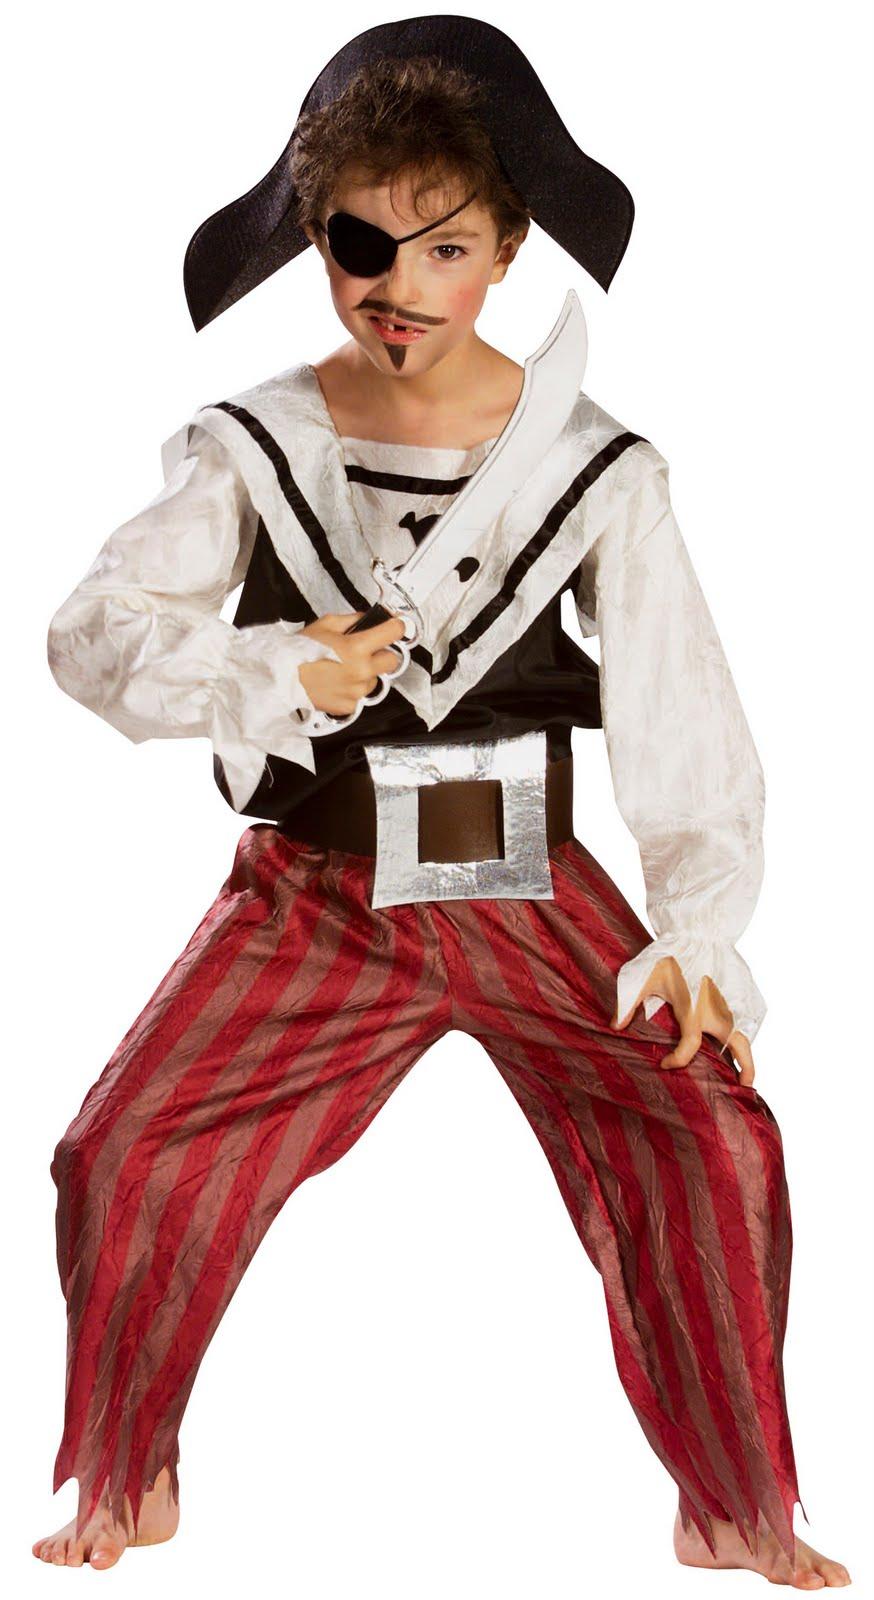 Aquí tienes unos patrones de disfraz pirata para niño que se compone ...